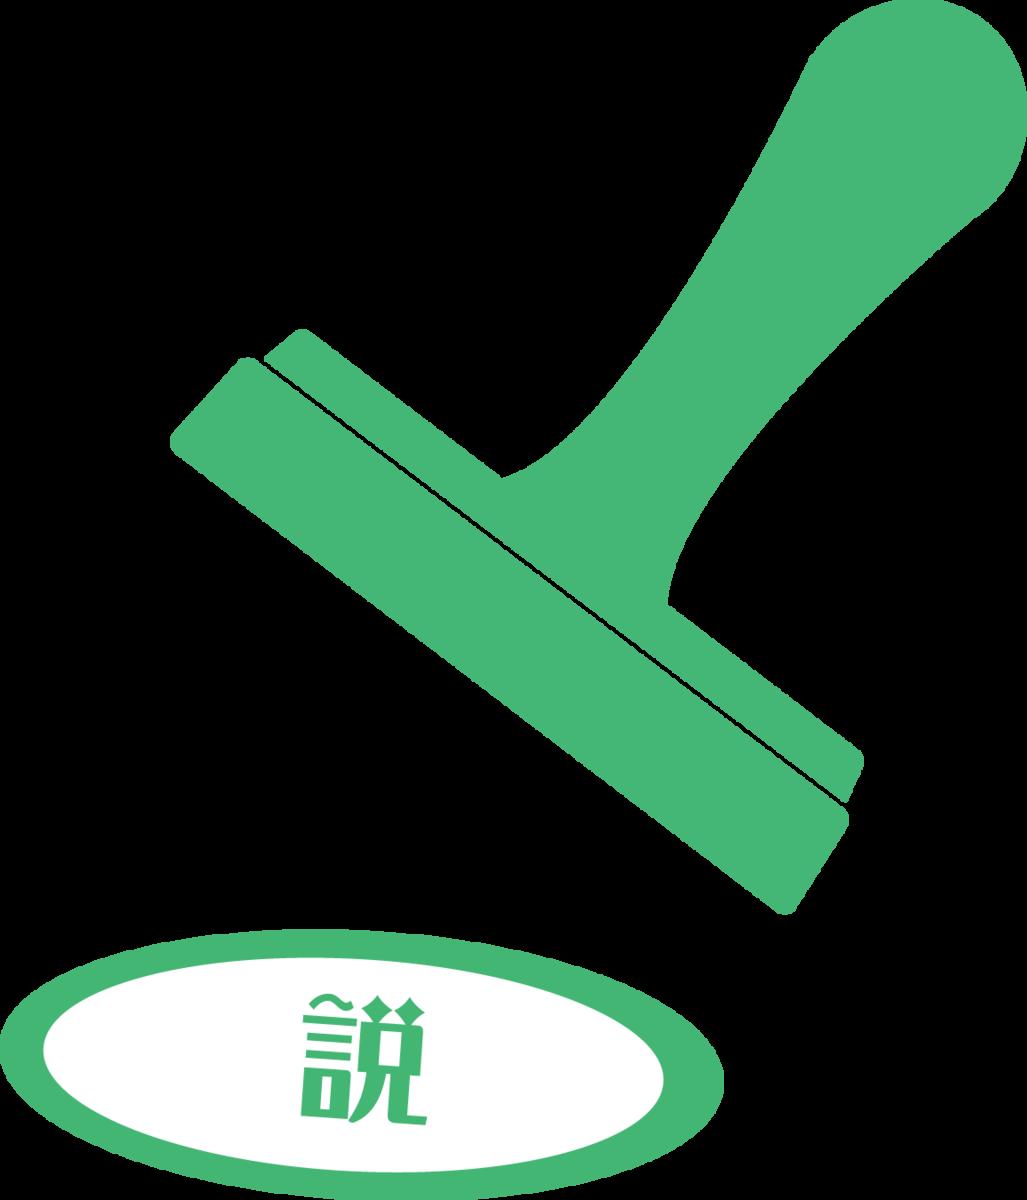 f:id:mojiru:20201026093428p:plain